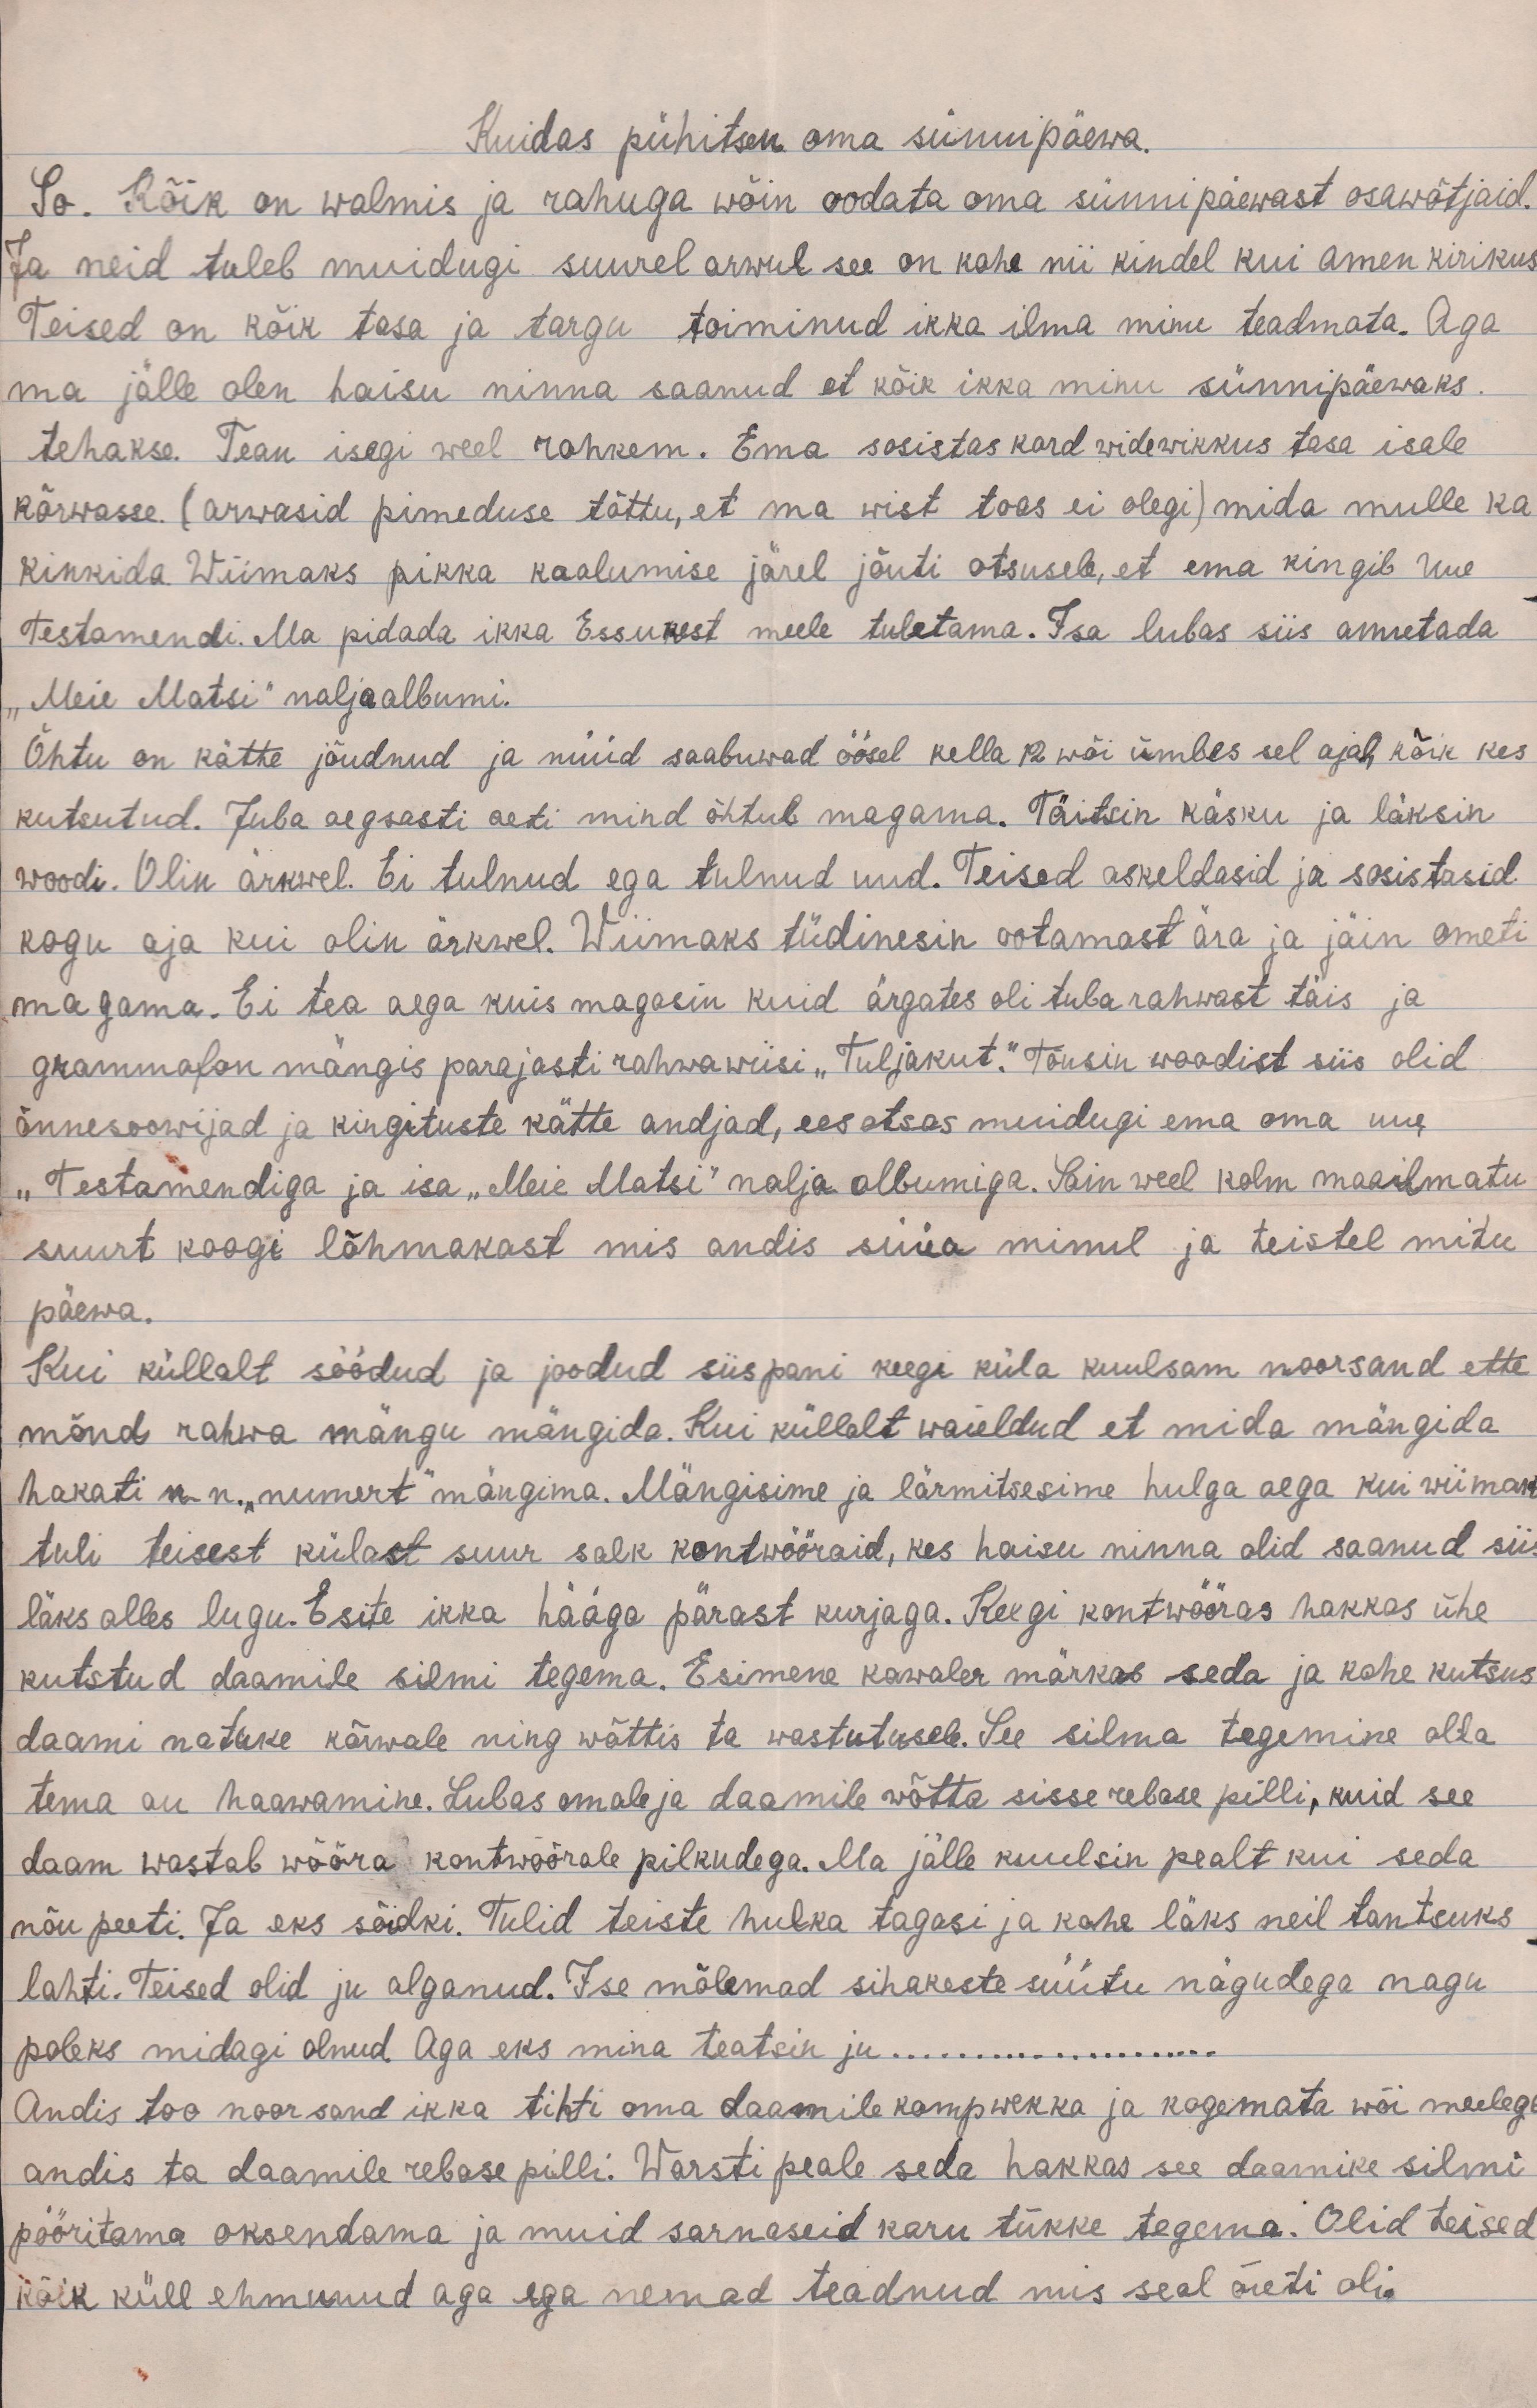 13-aastase Magdaleene kirjutis oma sünnipäevast. eaa.2223.1.87 magdaleene